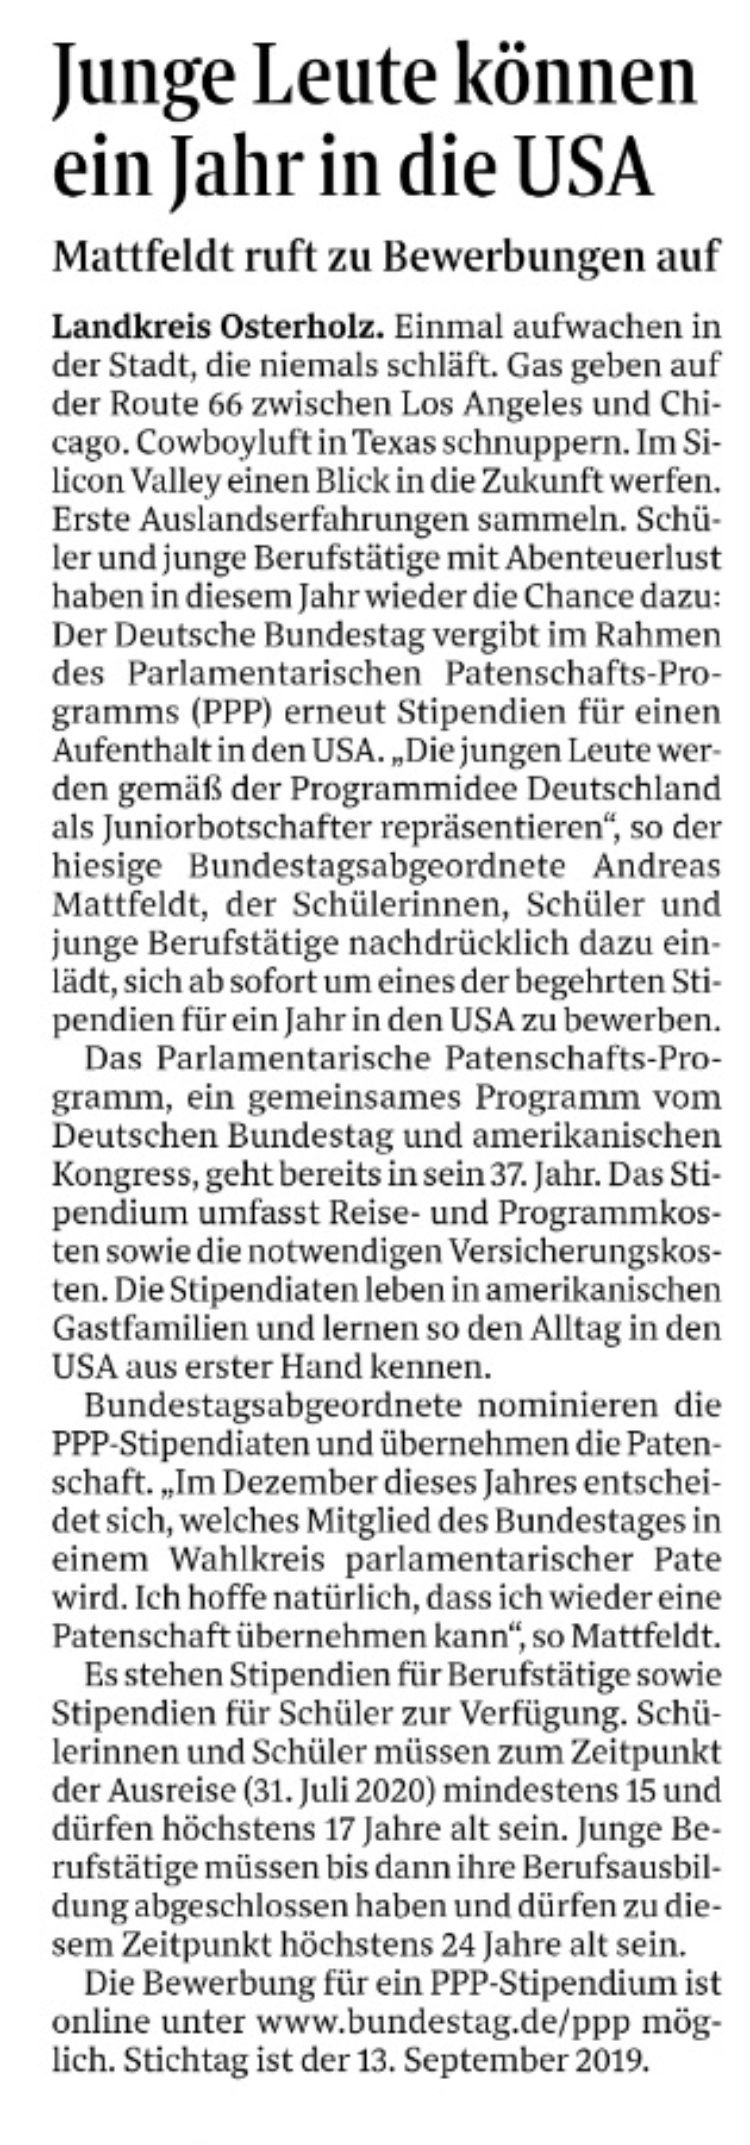 Ein Jahr mit dem Bundestag in die USA